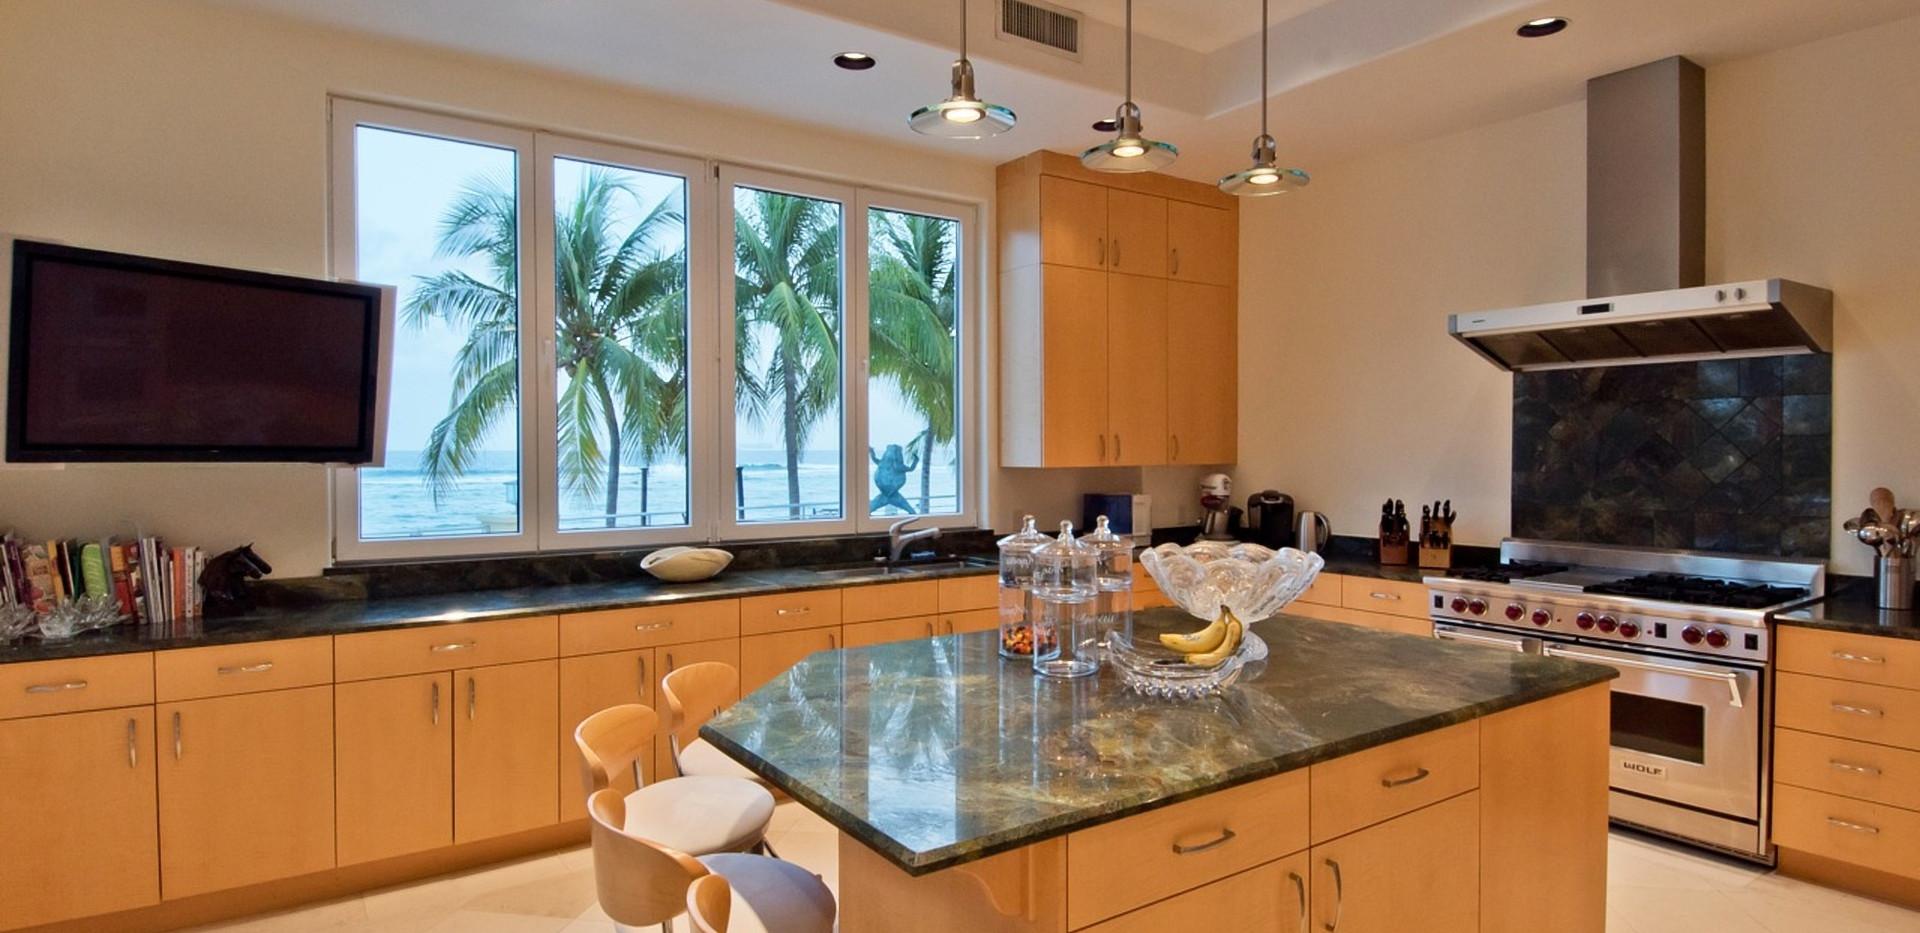 kitchen.v1.jpg